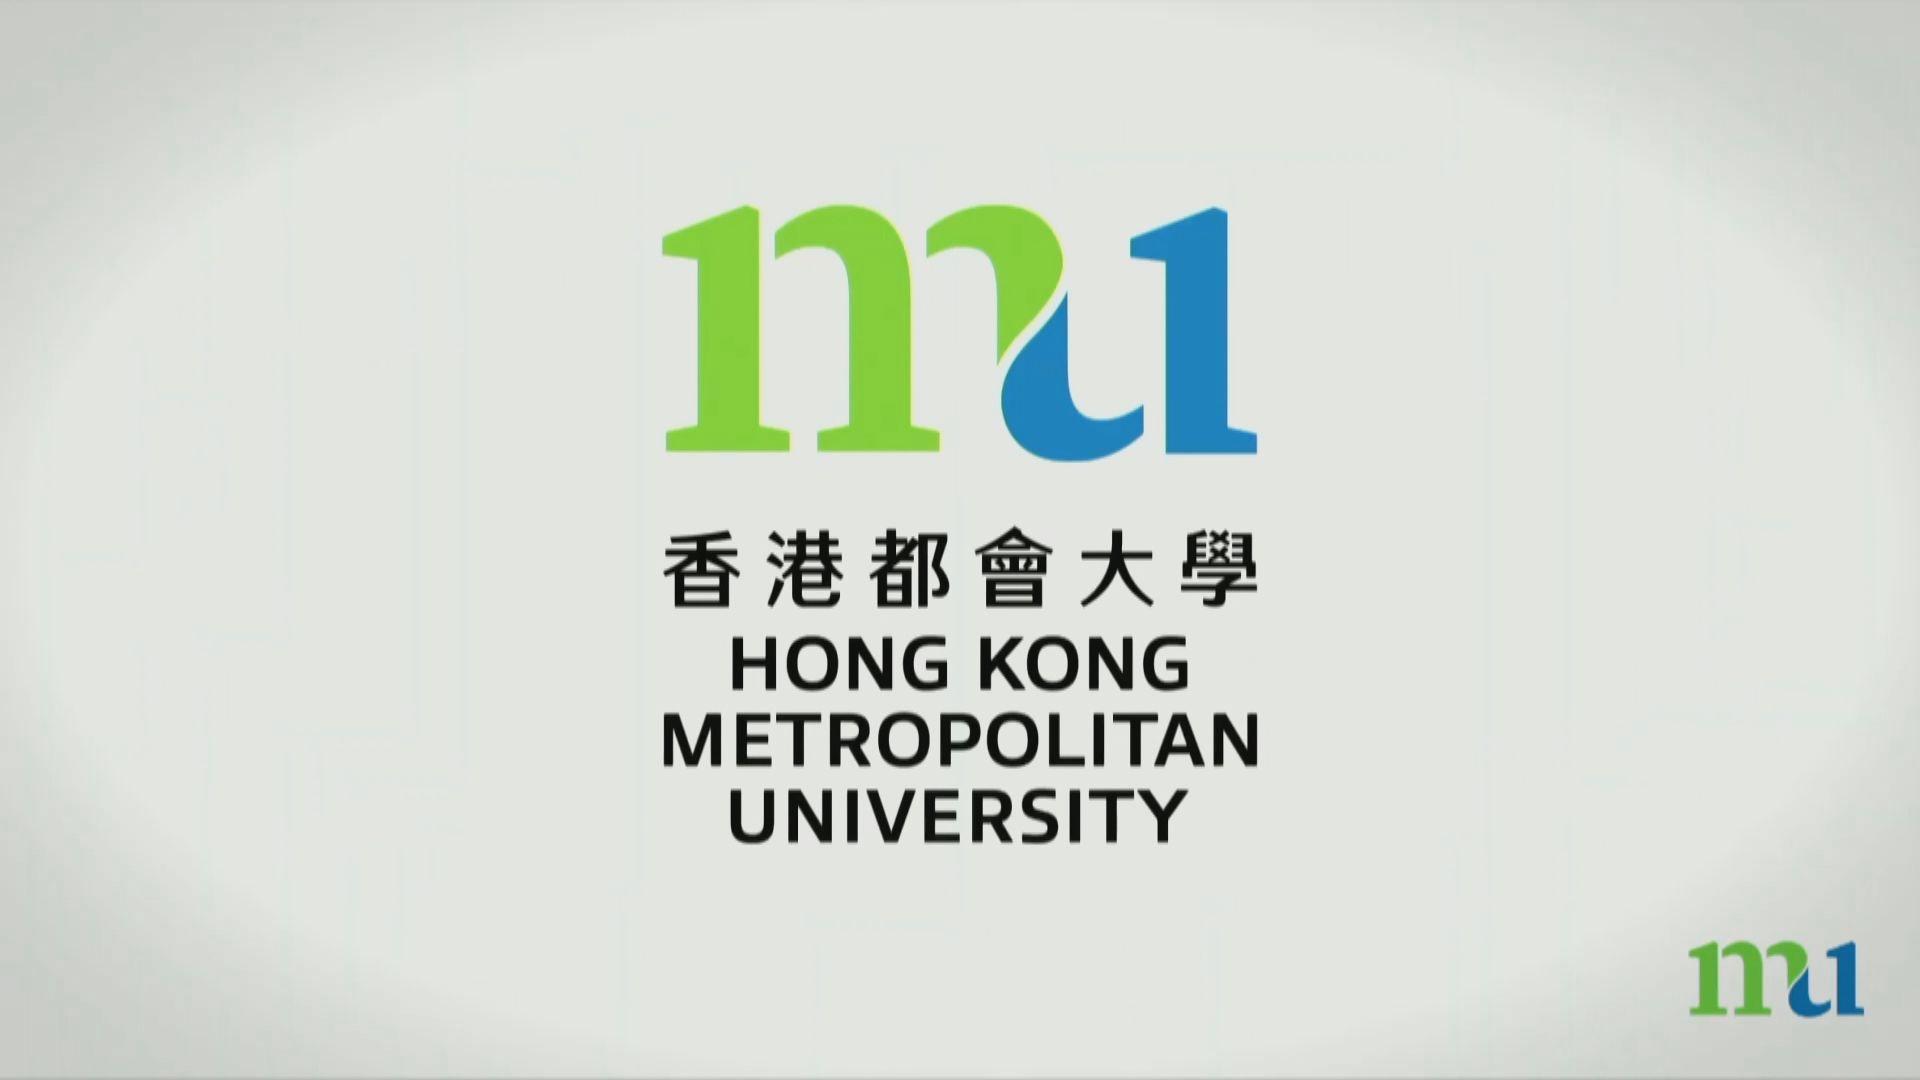 公開大學新學年正式改名為「香港都會大學」